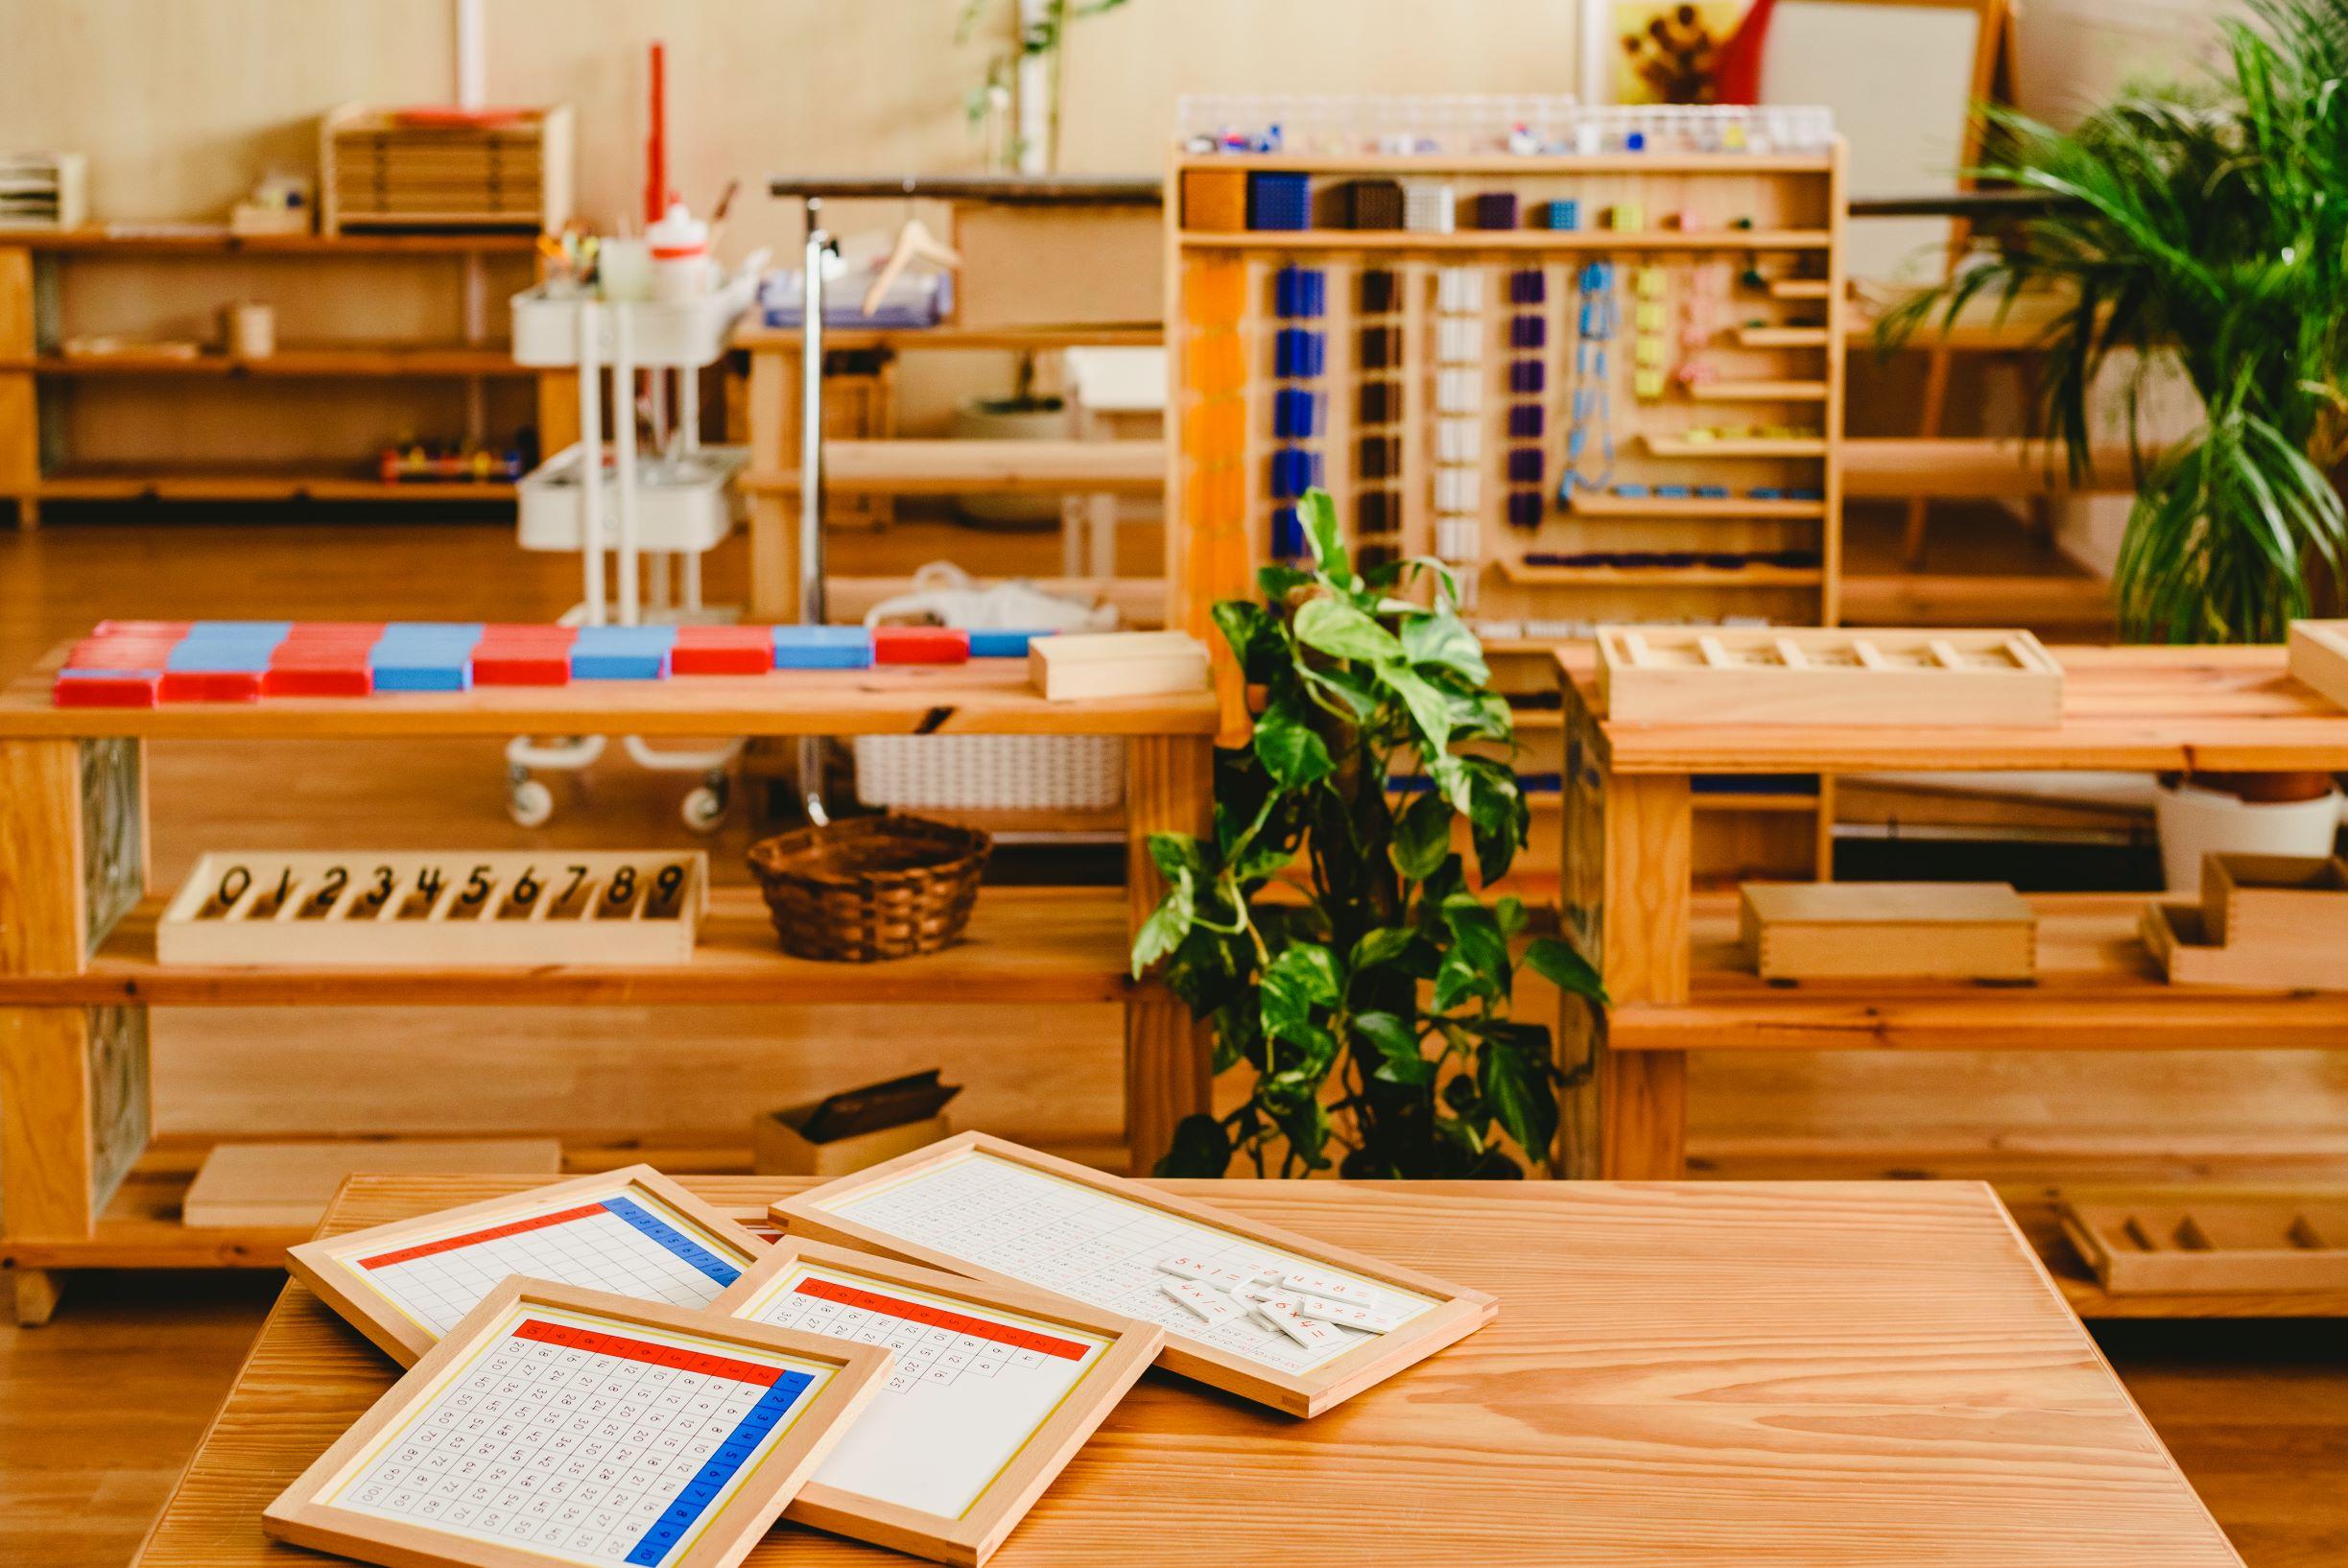 materiales montessori dentro de un ambiente preparado